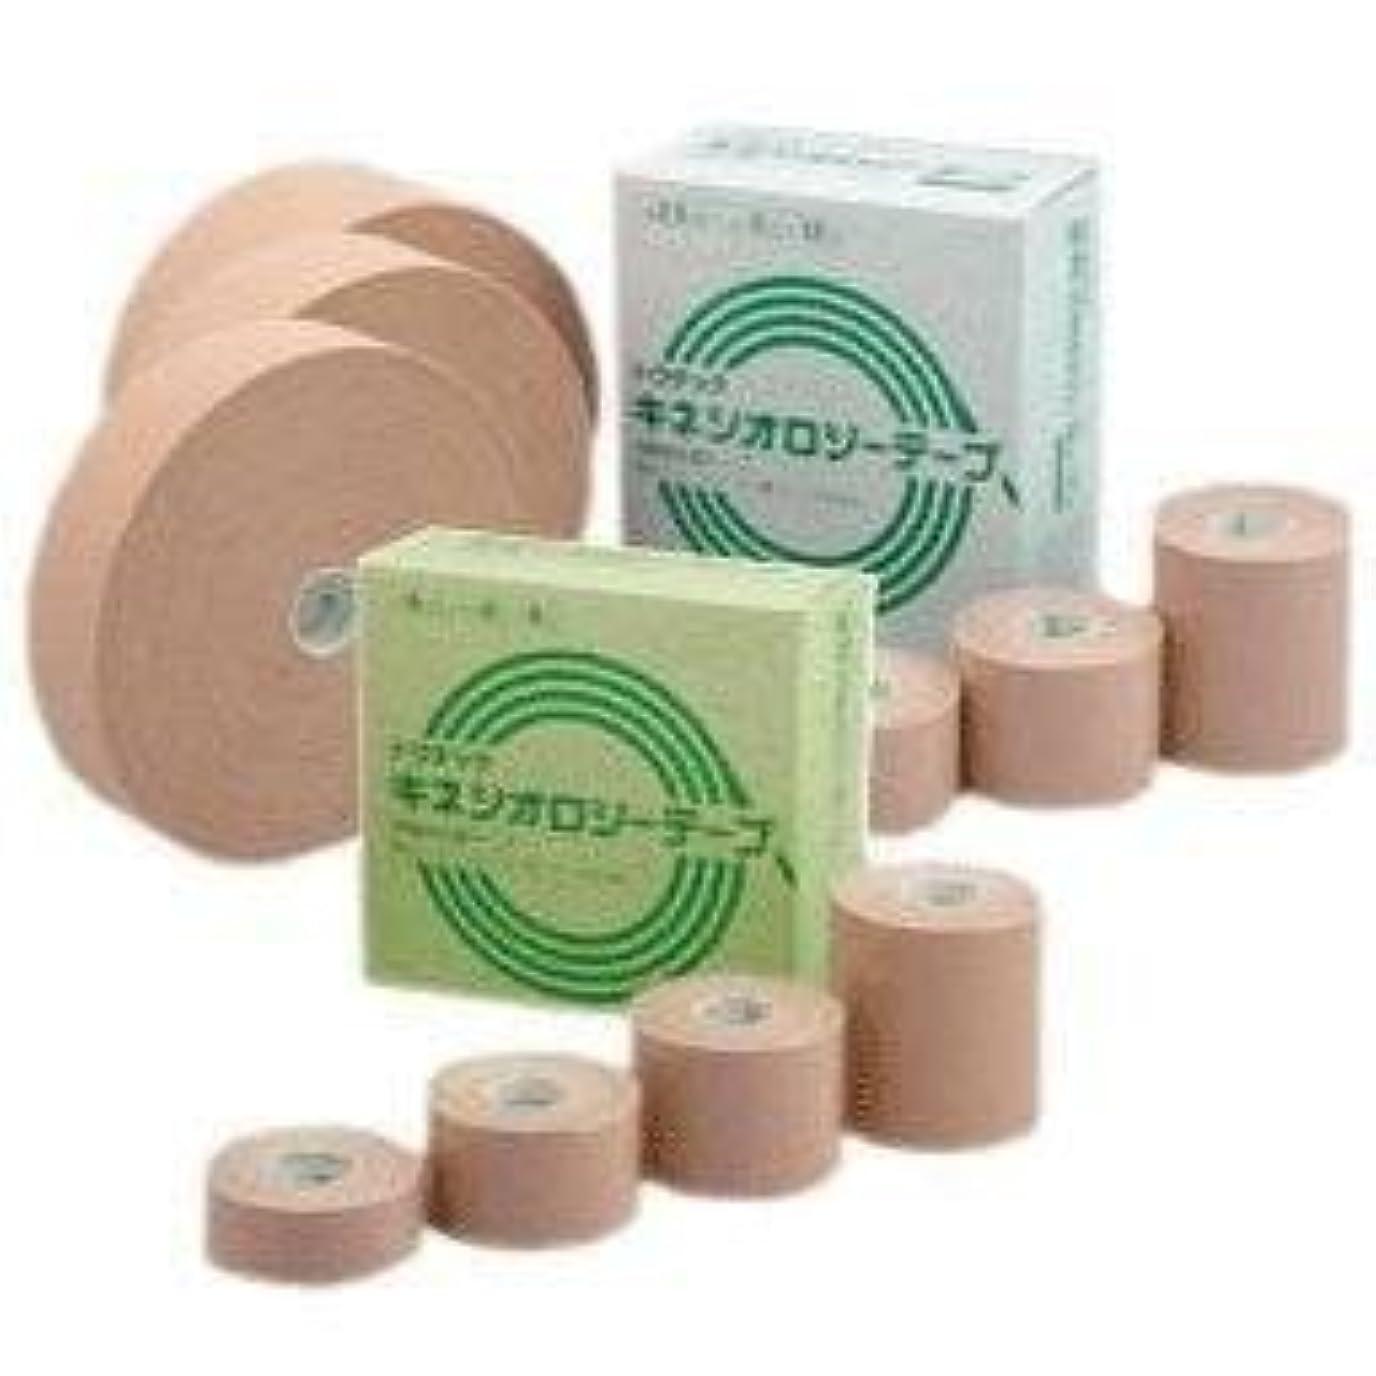 アレンジ騒クラフトキネシオロジーテープ スポーツタイプ 1箱 (3.75cm×5m8巻)